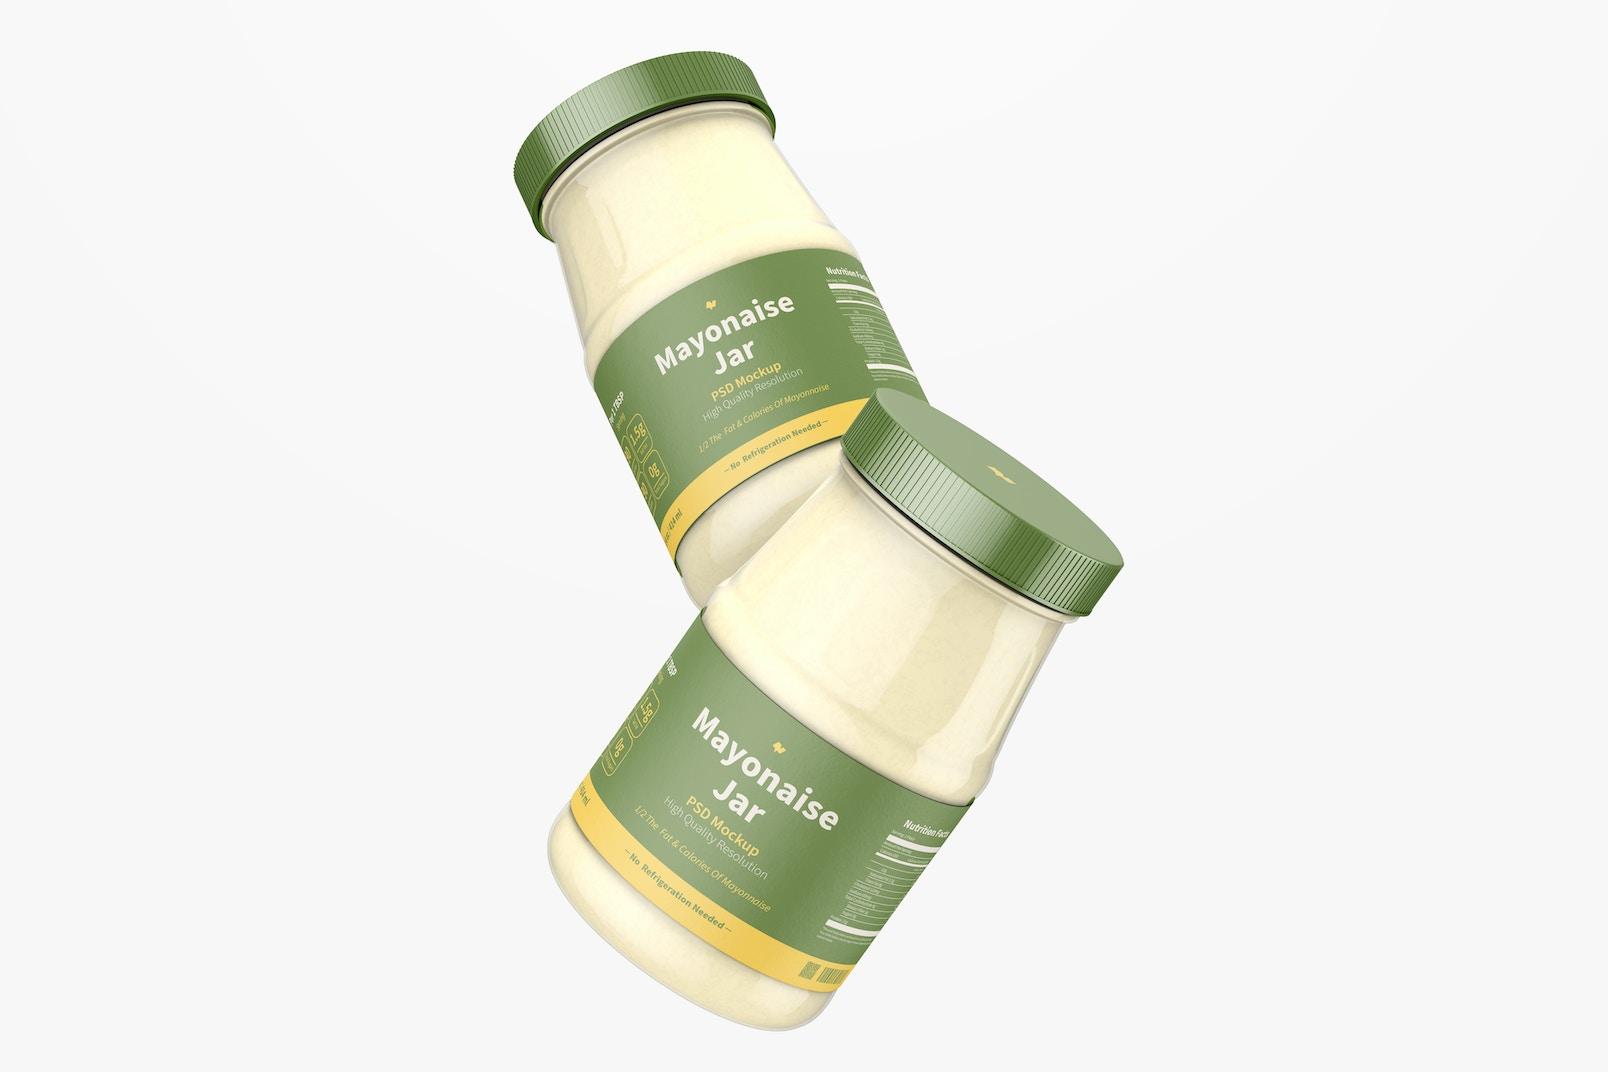 14 oz Mayonnaise Jars Mockup, Floating